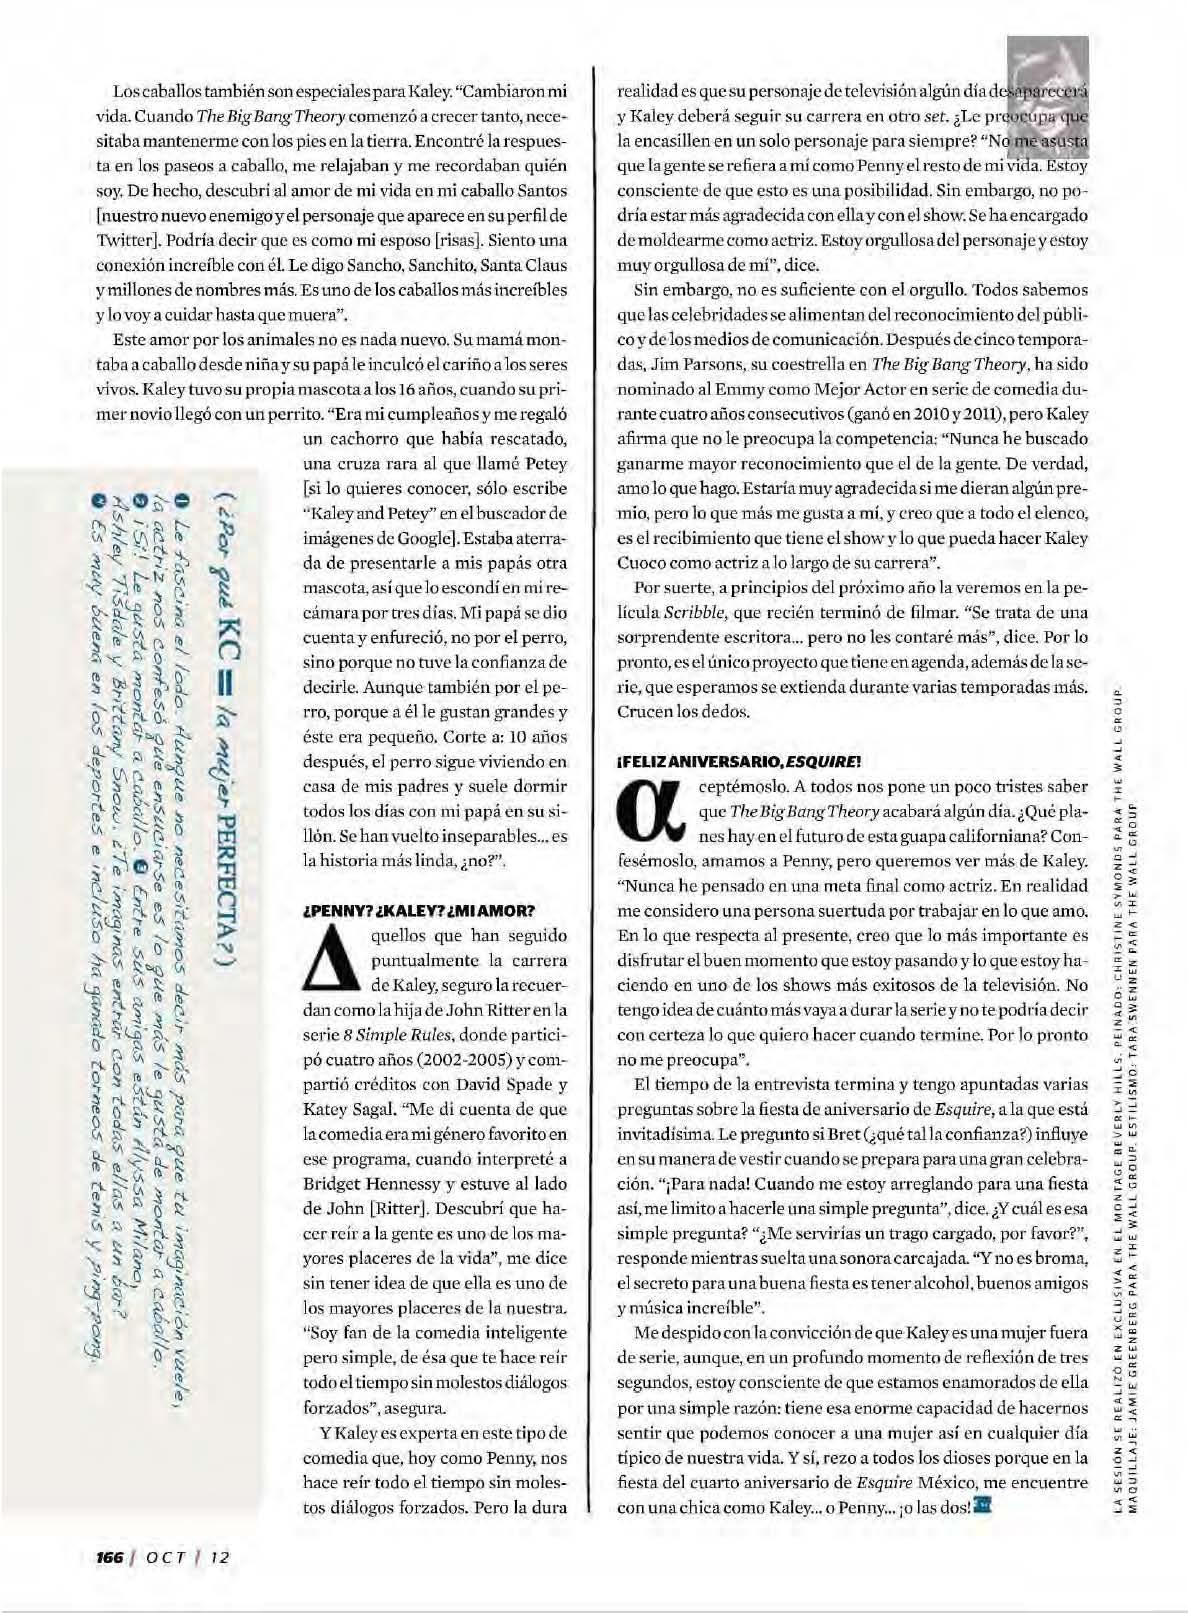 05383_septimiu29_KaleyCuoco_EsquireMexico_Oct201217_122_143lo.jpg